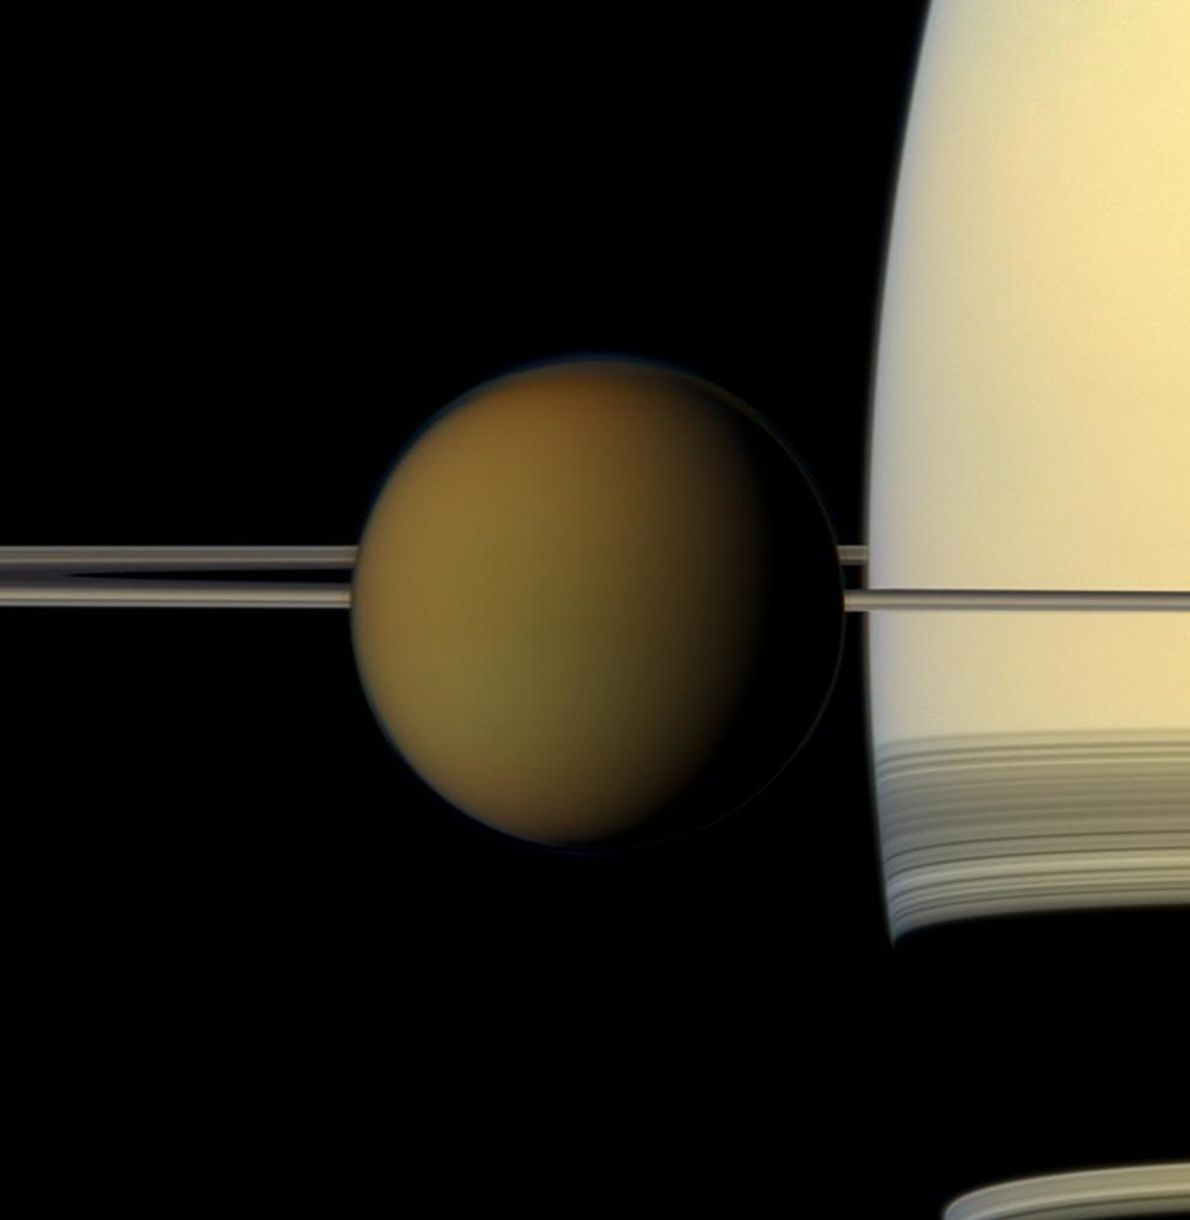 El vistoso orbe de la luna más grande de Saturno, Titán, pasa frente al planeta y ...